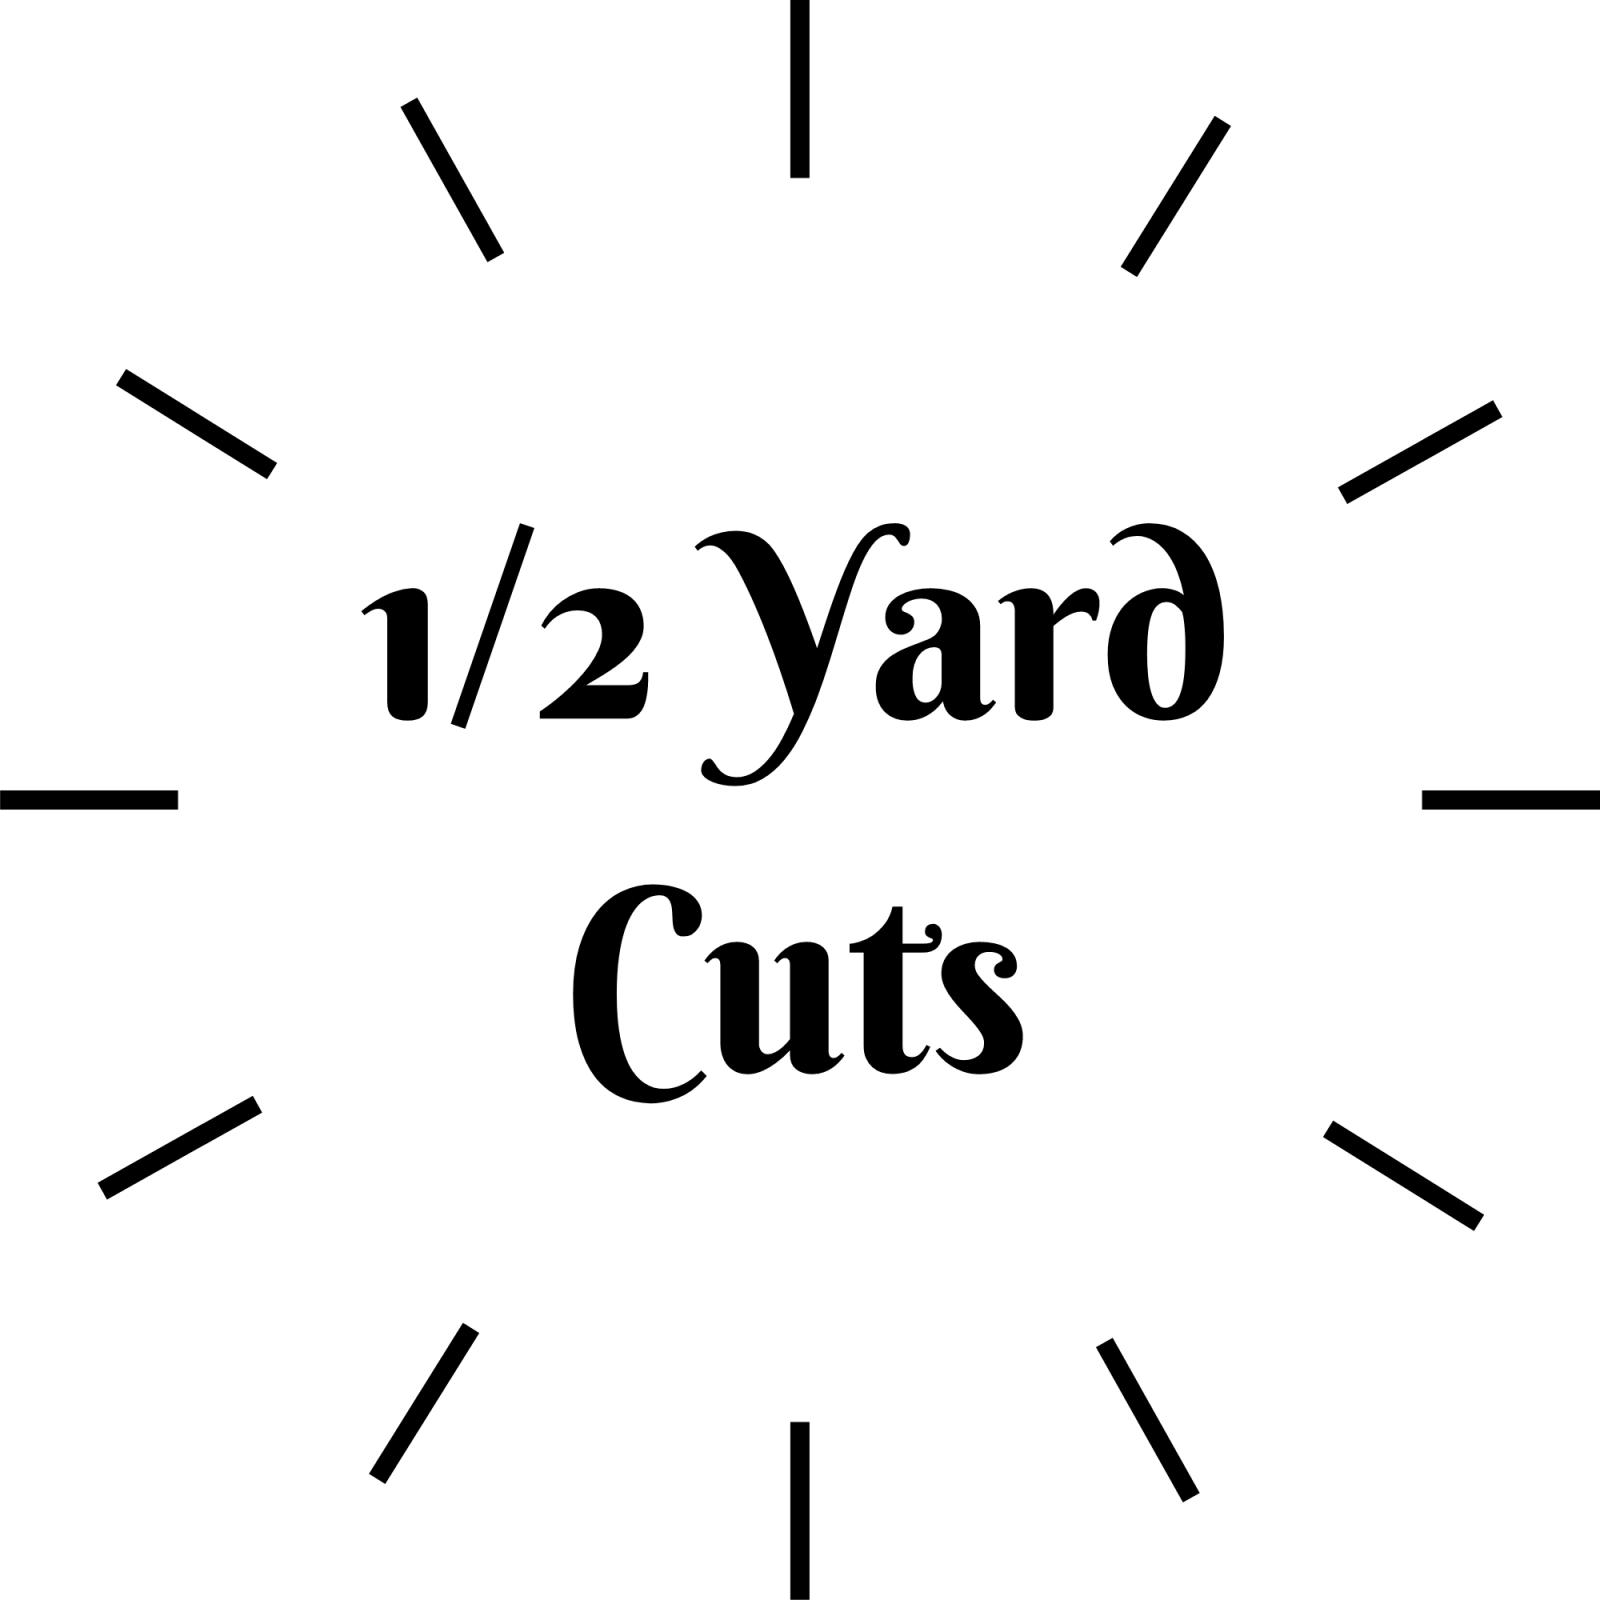 1/2 yard cuts